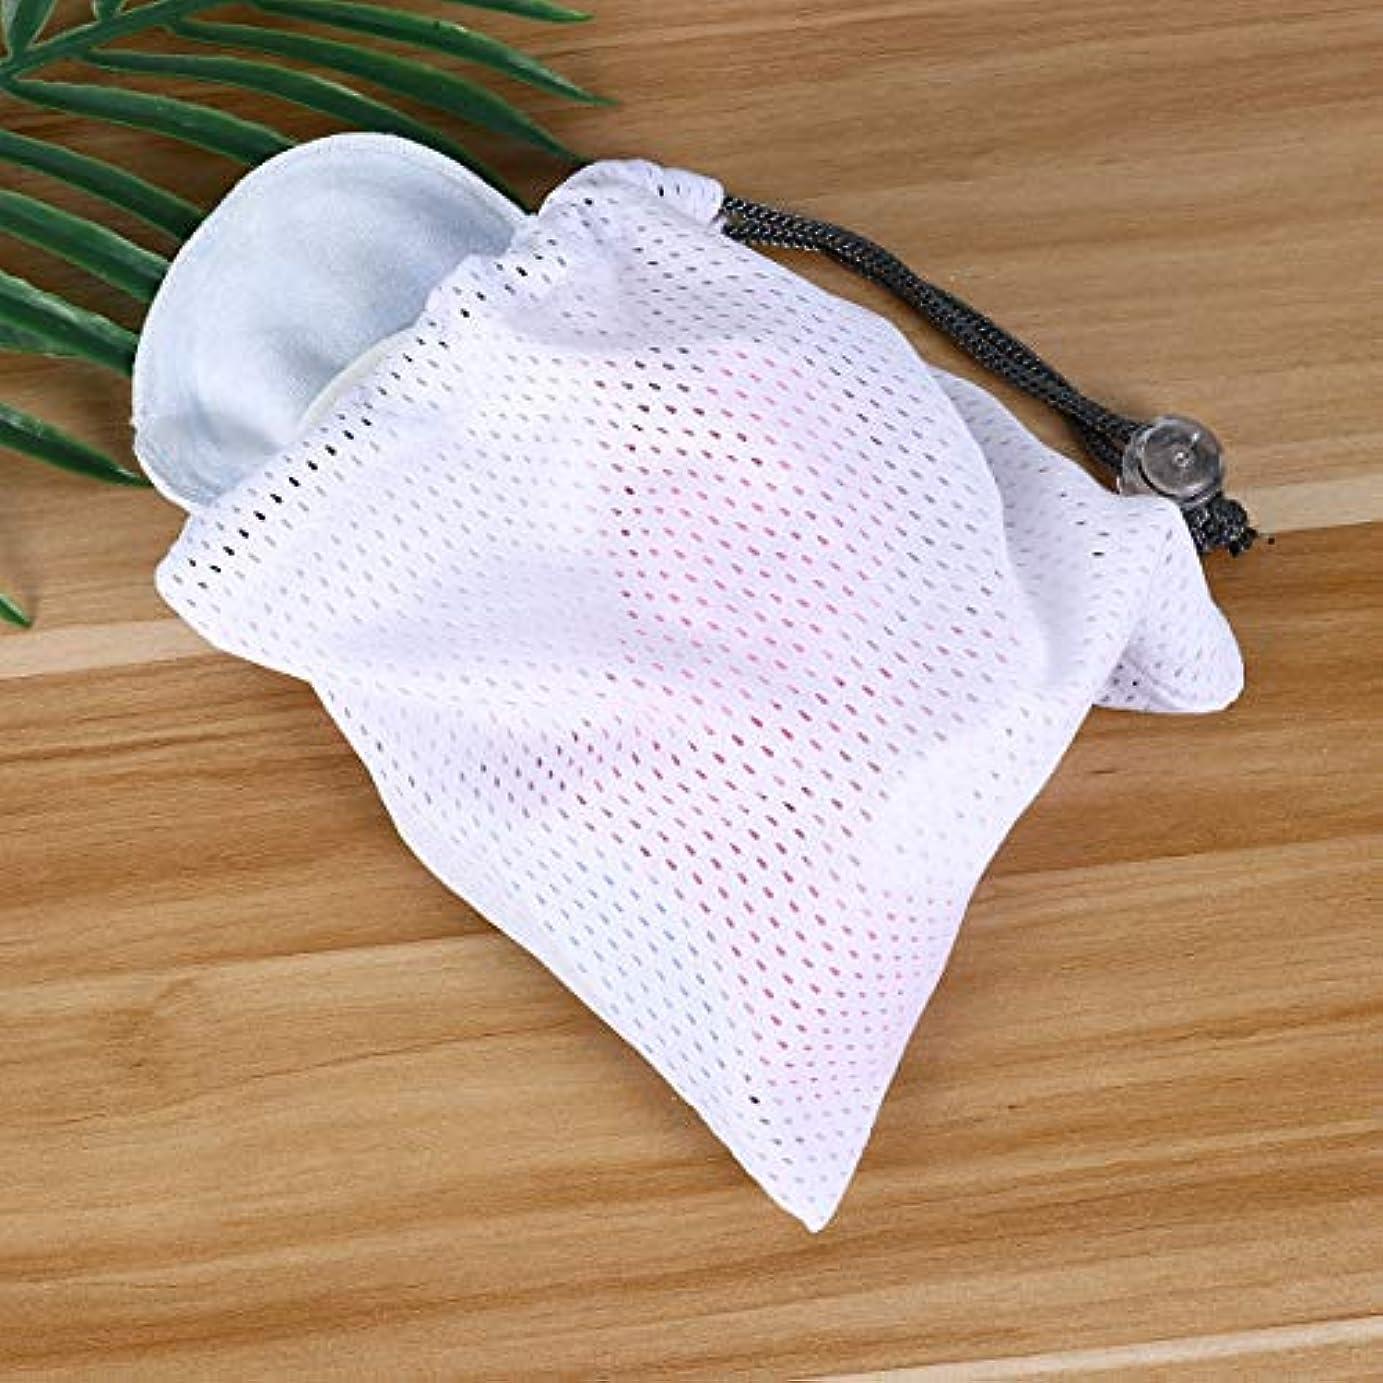 豚可聴厳しいBeaupretty 17ピース再利用可能な竹繊維化粧落としパッド有機綿ラウンド洗える顔クレンジング布